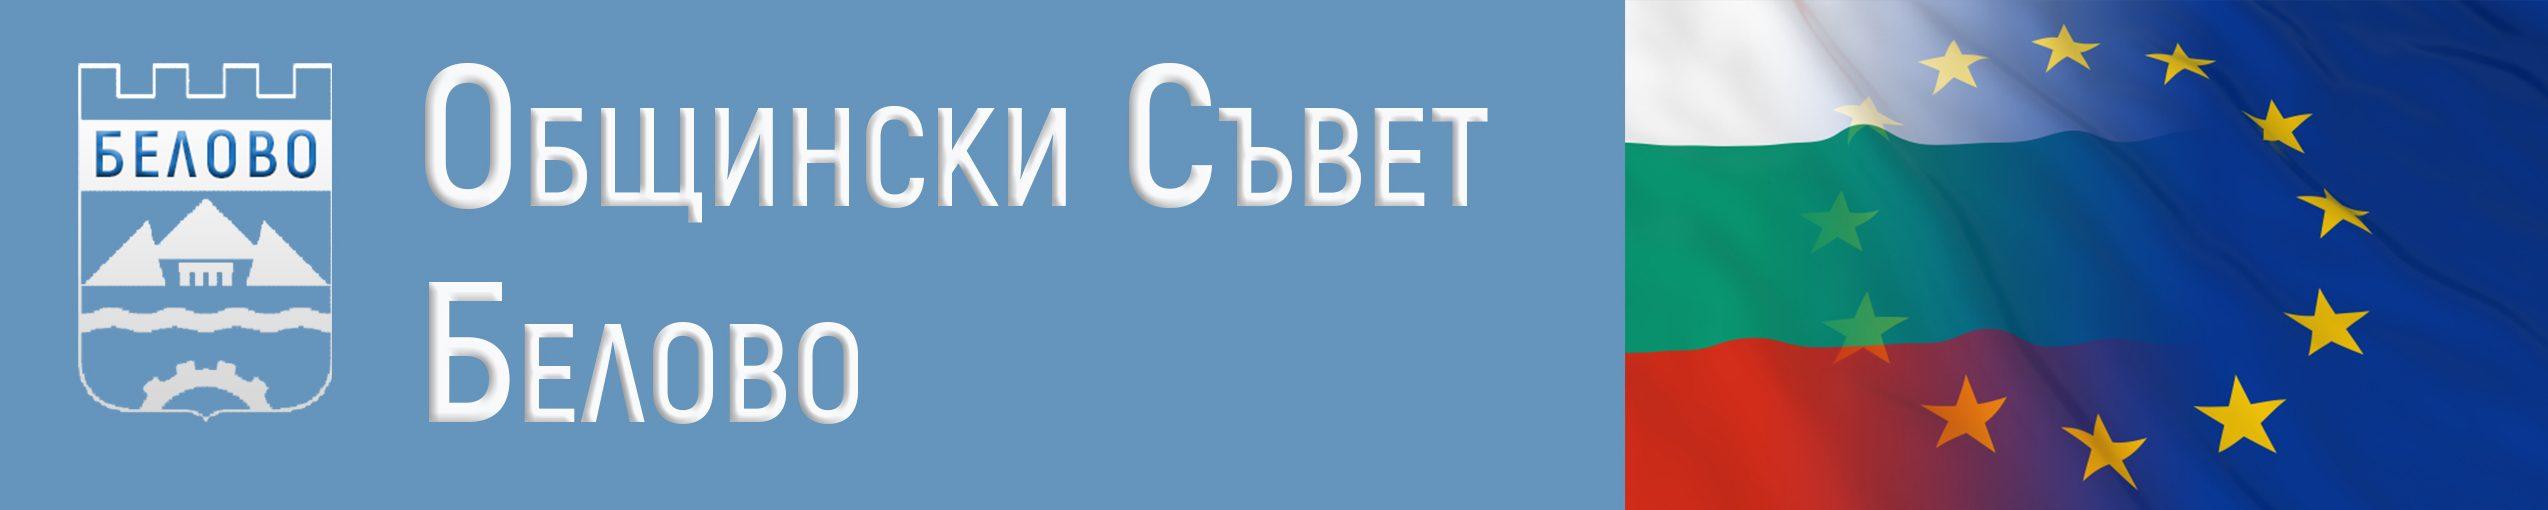 Общински съвет Белово – официален сайт